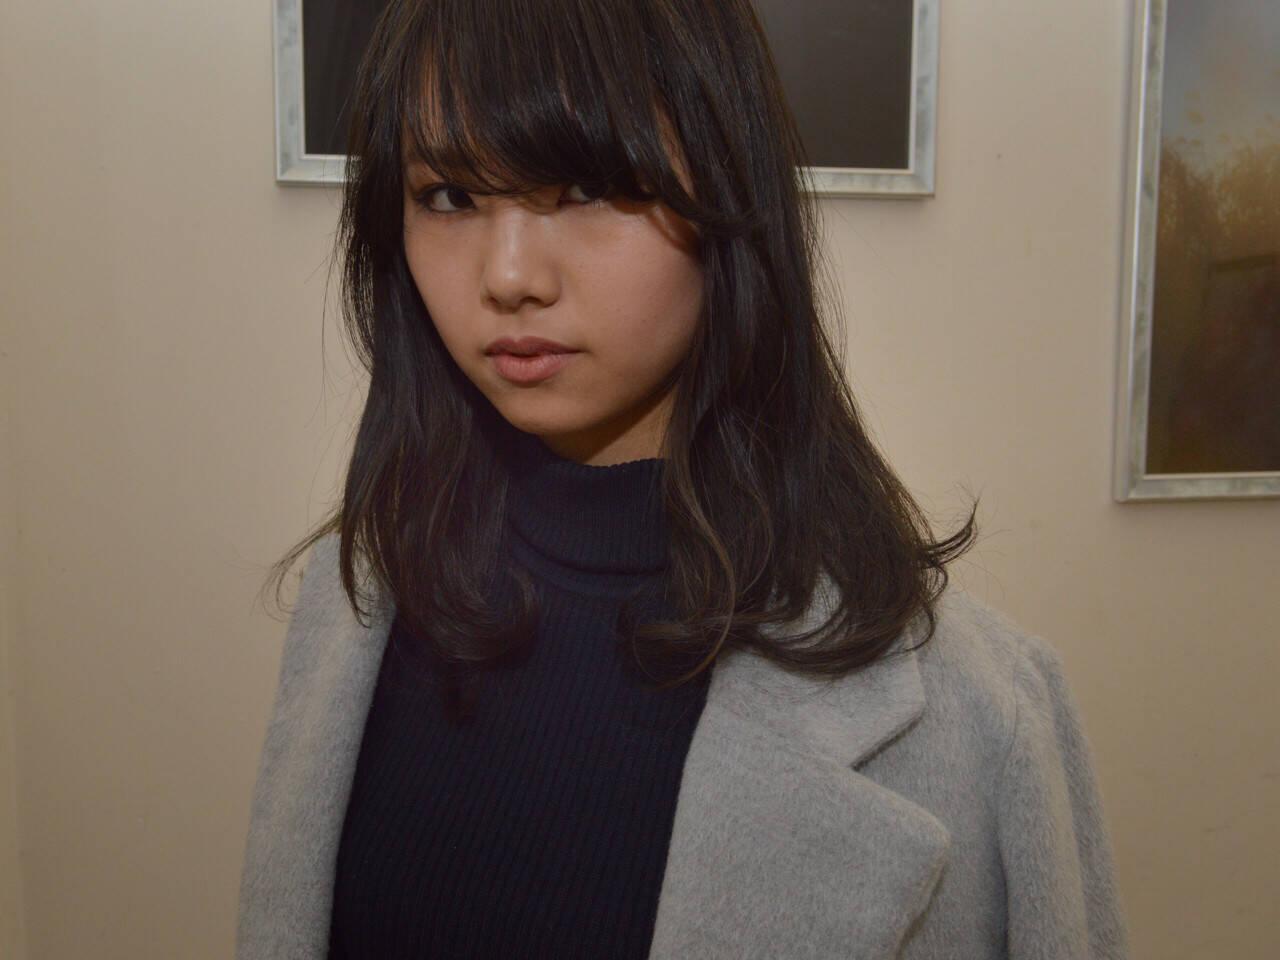 アッシュ ナチュラル パーマ セミロングヘアスタイルや髪型の写真・画像